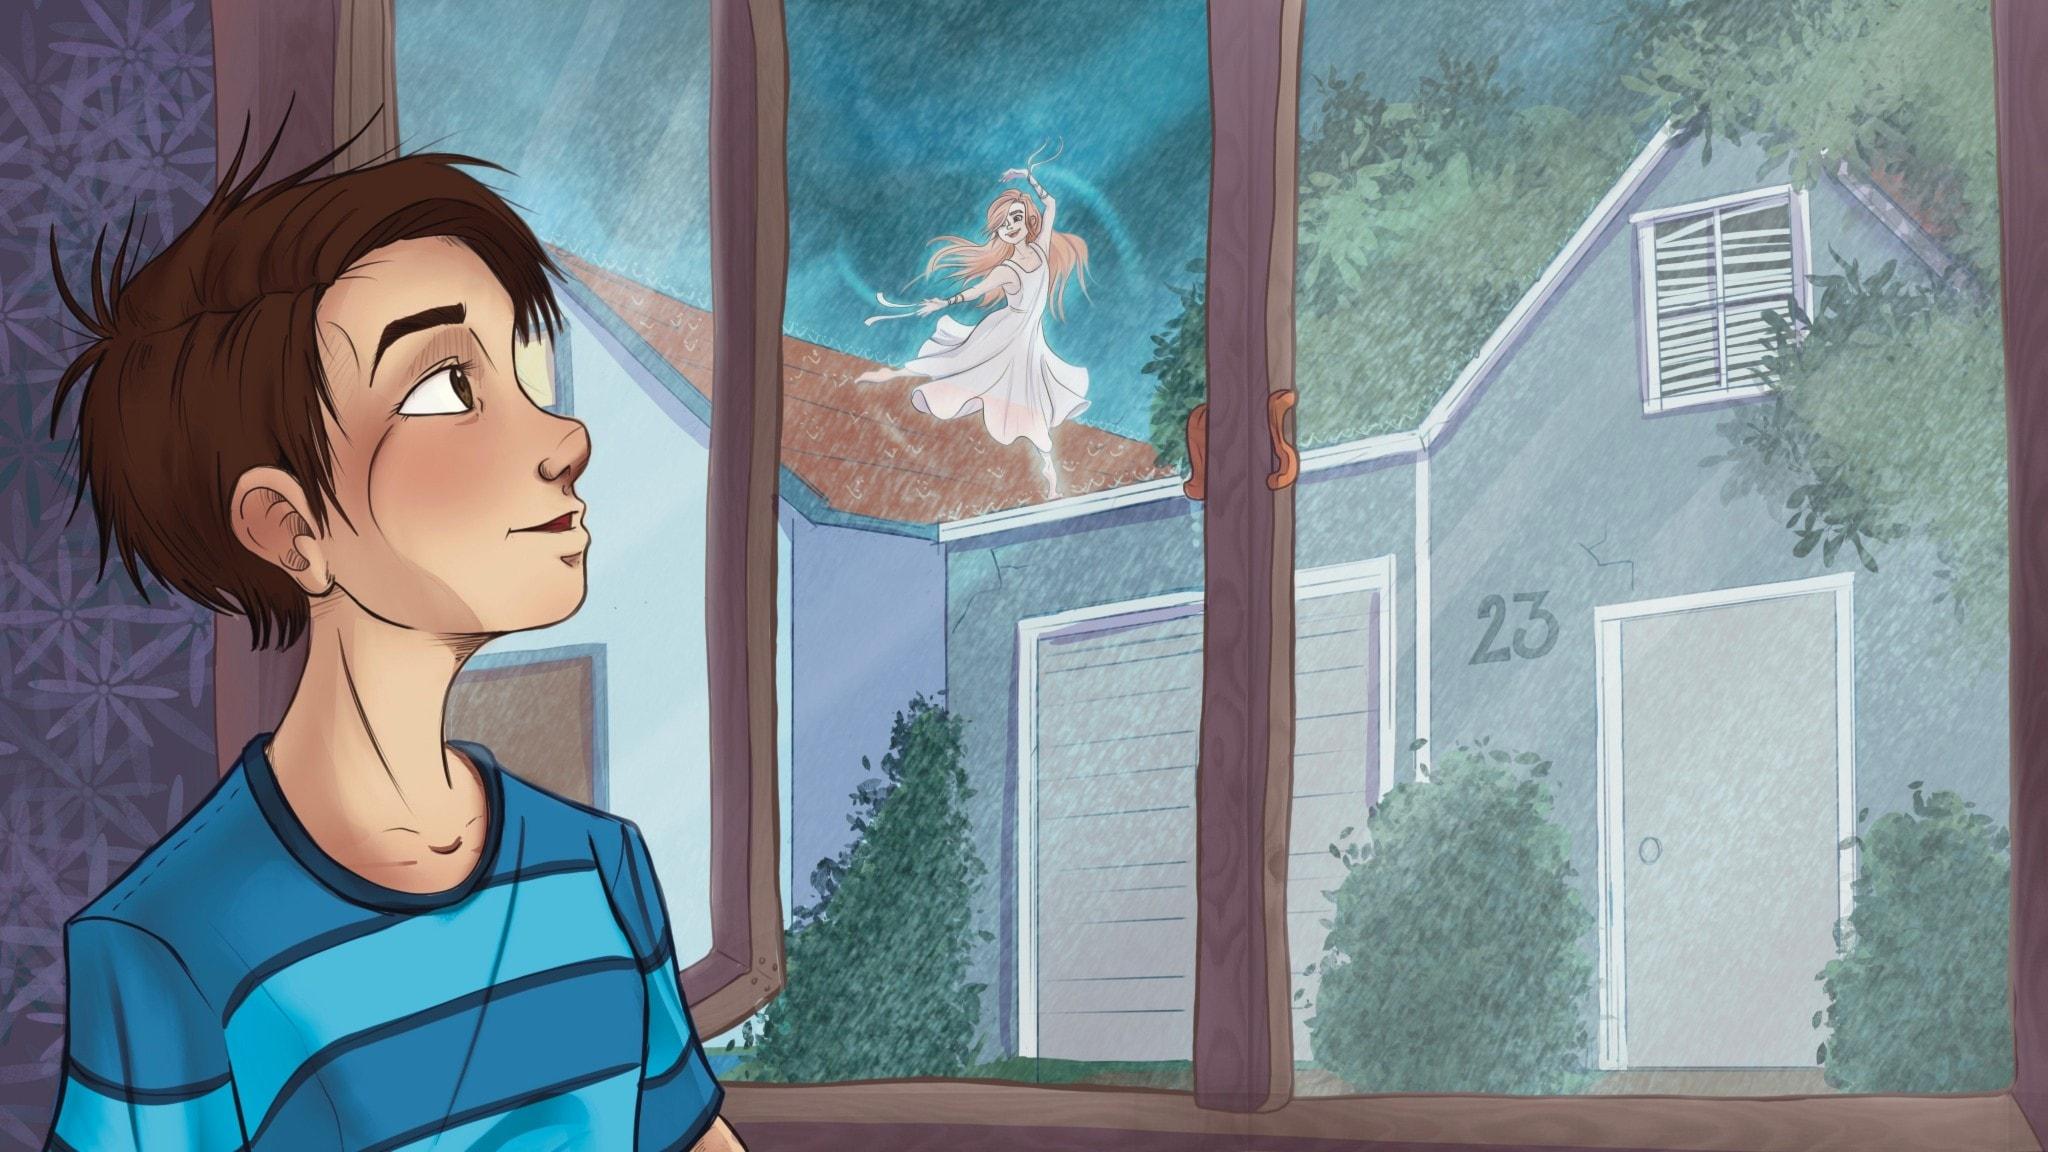 En pojke, Rian, kollar ut genom ett fönster mot en flicka som dansar på kanten av ett husgarage. Det är sommar och spöregnar.